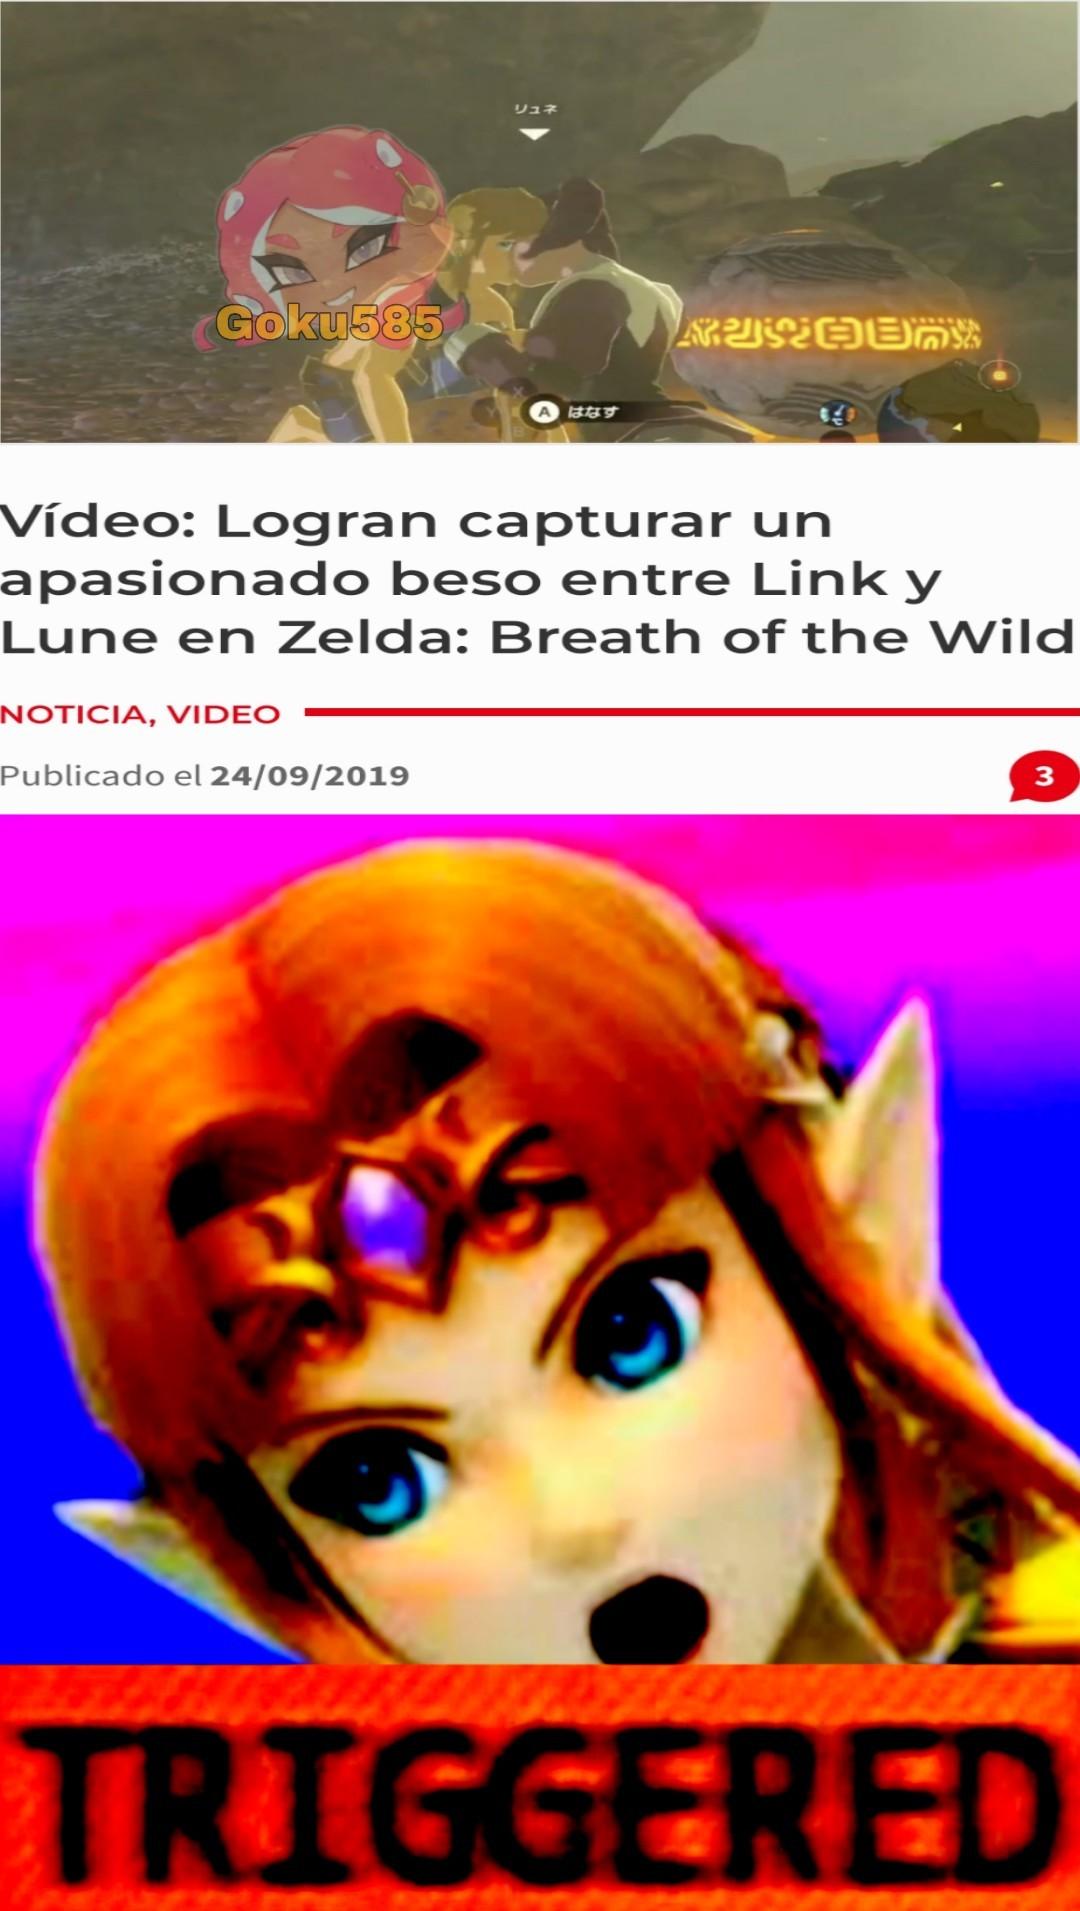 La leyenda de zelda: Link se culea un pez - meme